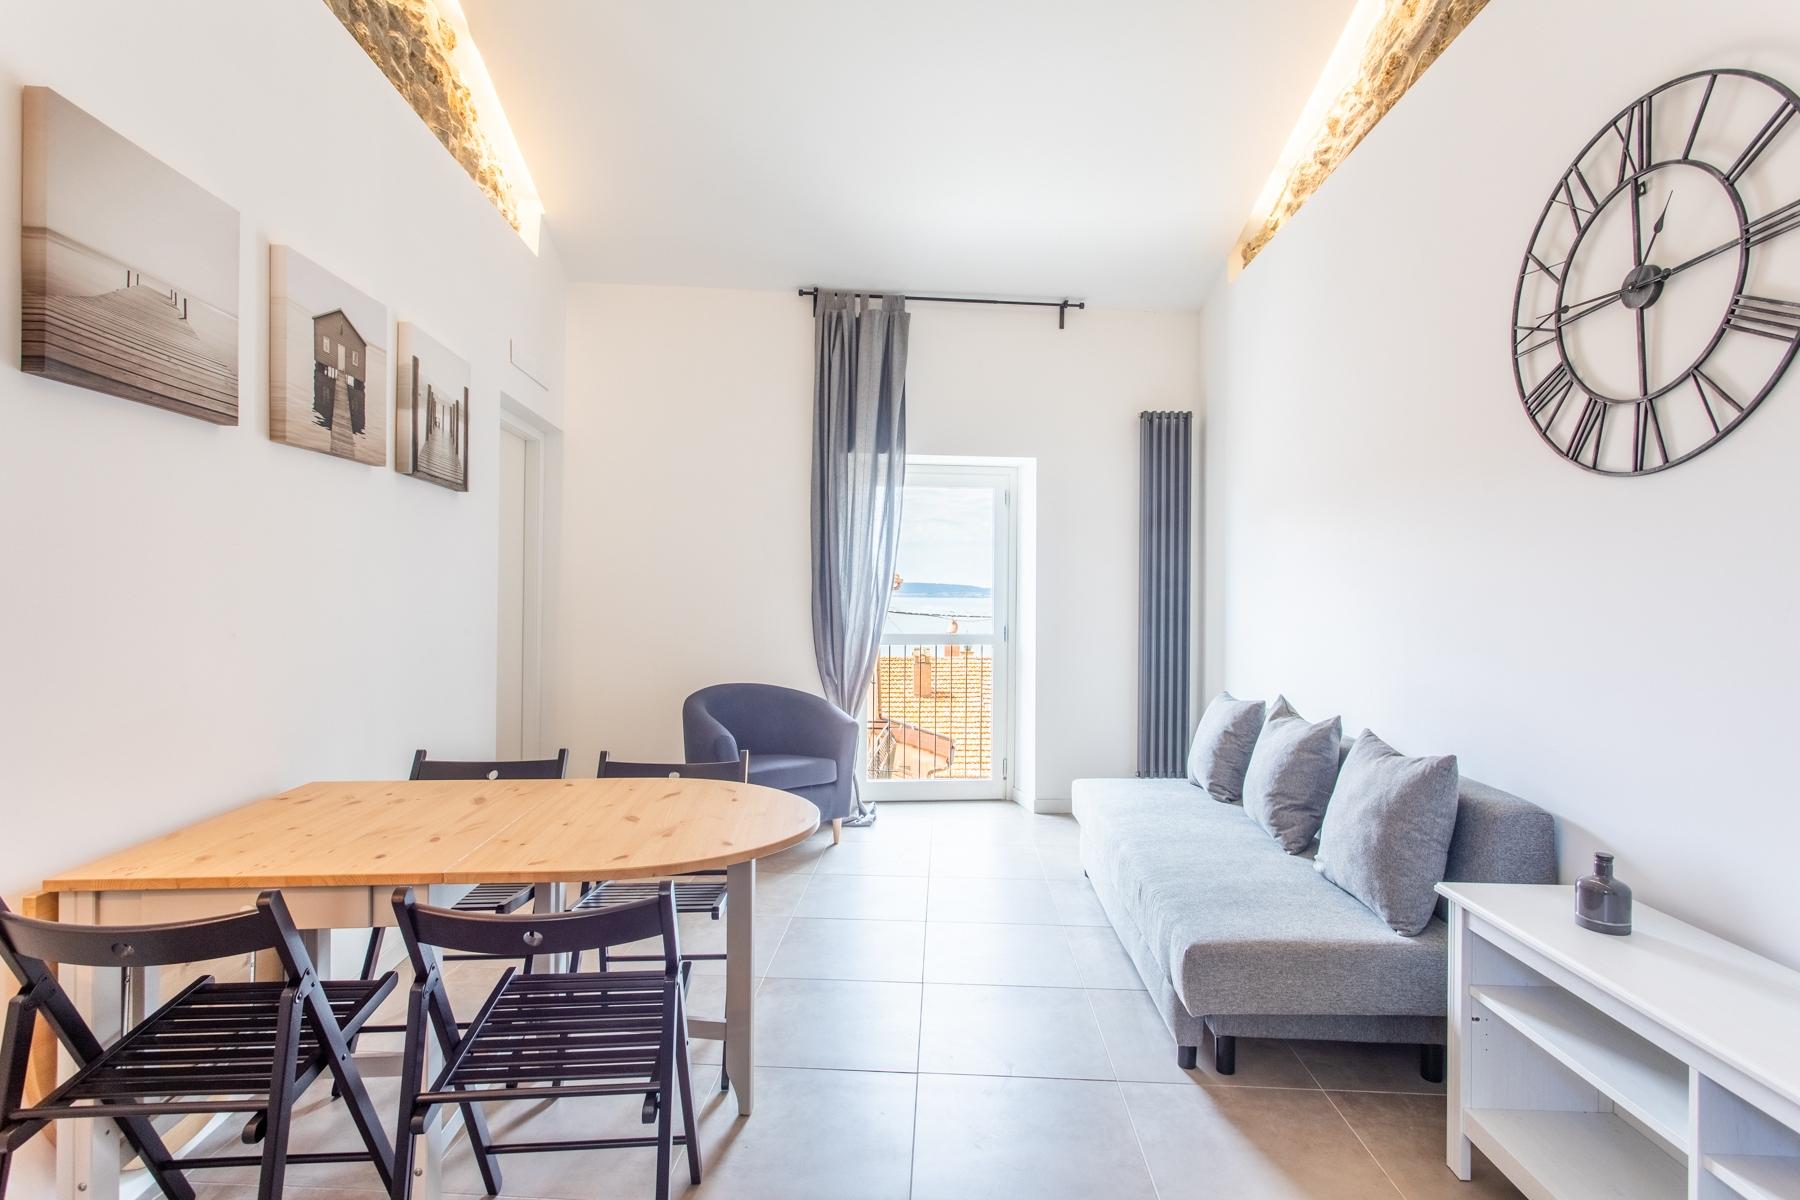 Appartamento in Vendita a Trevignano Romano: 4 locali, 85 mq - Foto 1